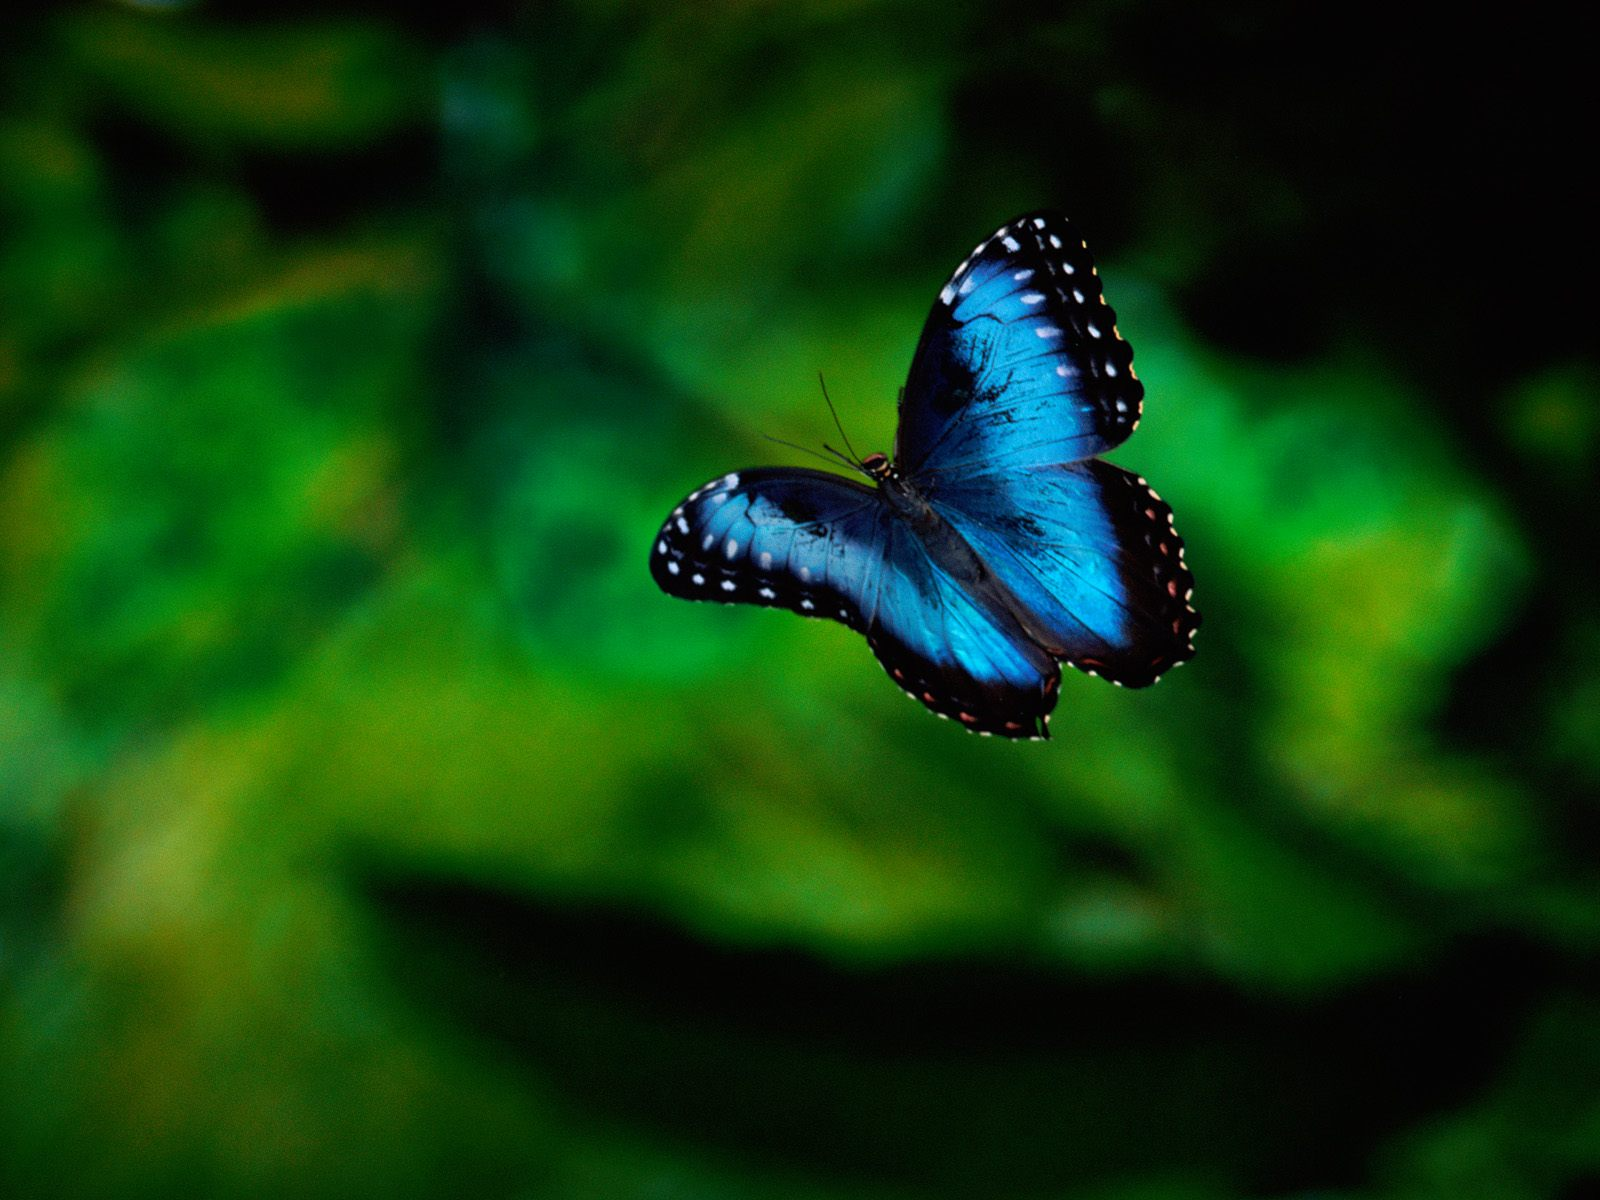 сине-черная бабочка летит на фоне зелени, скачать фото